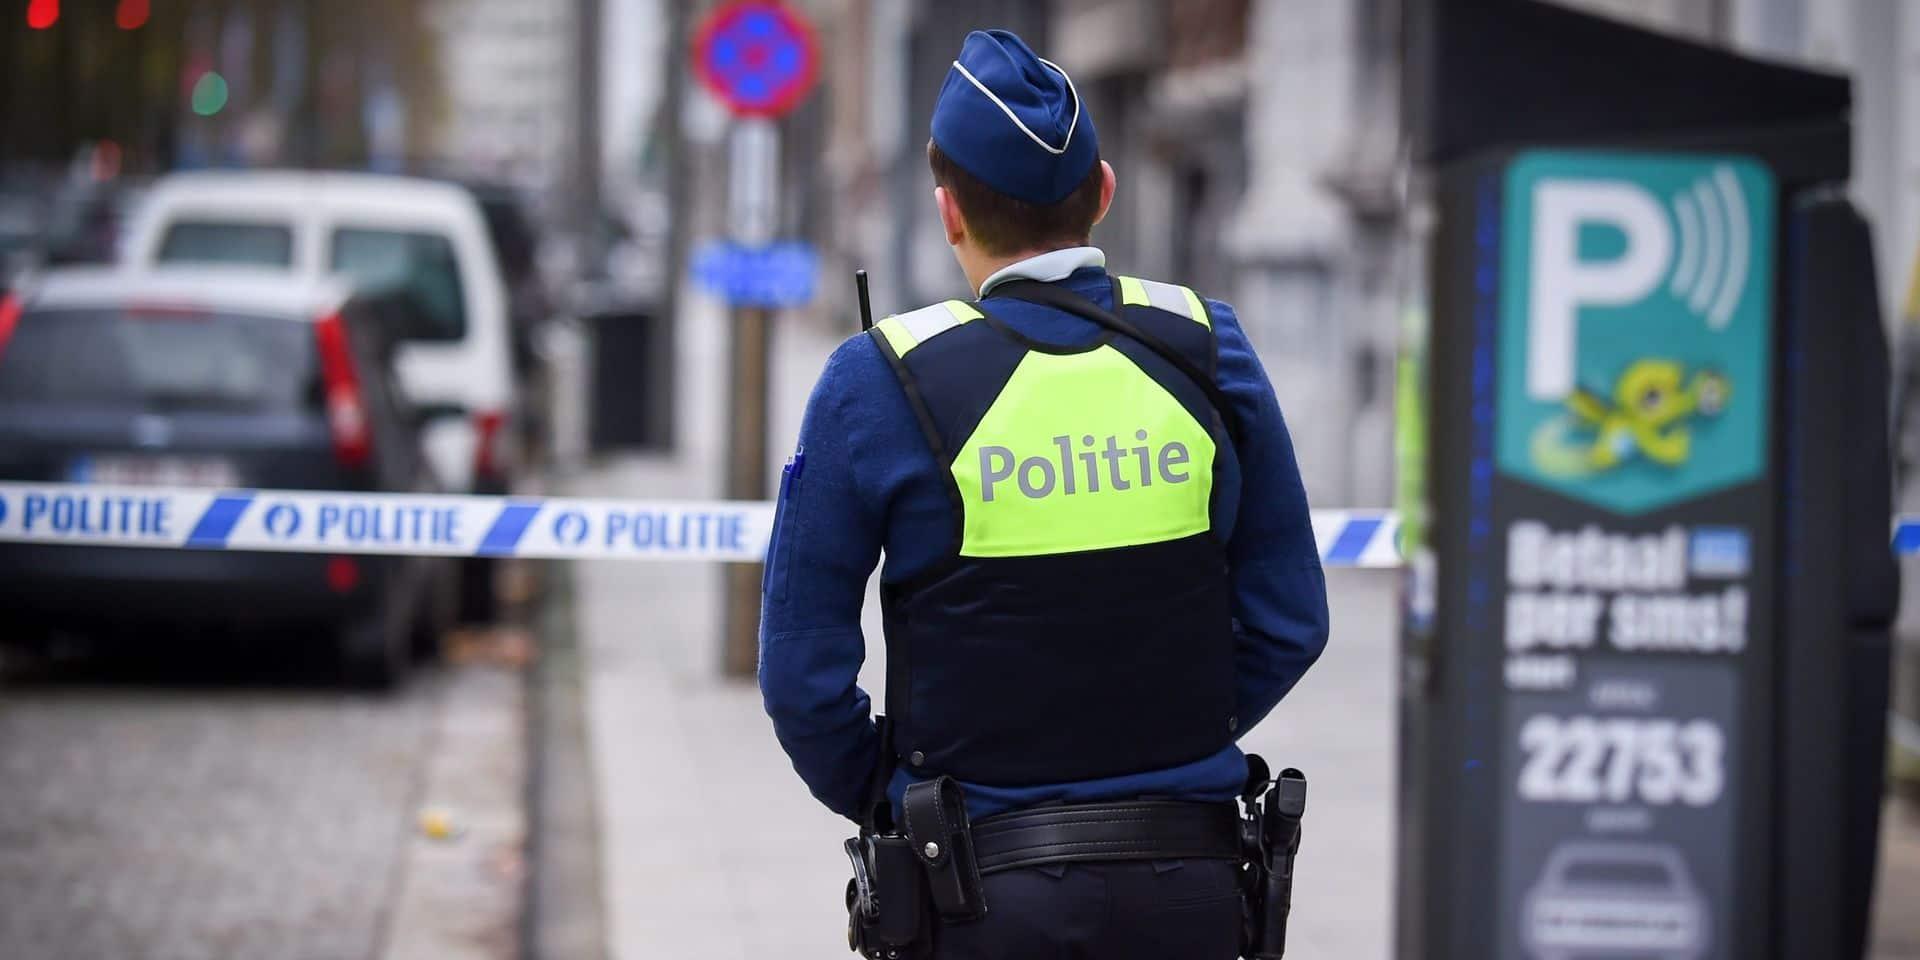 Deux personnes arrêtées pour avoir craché et toussé vers des policiers à Anvers